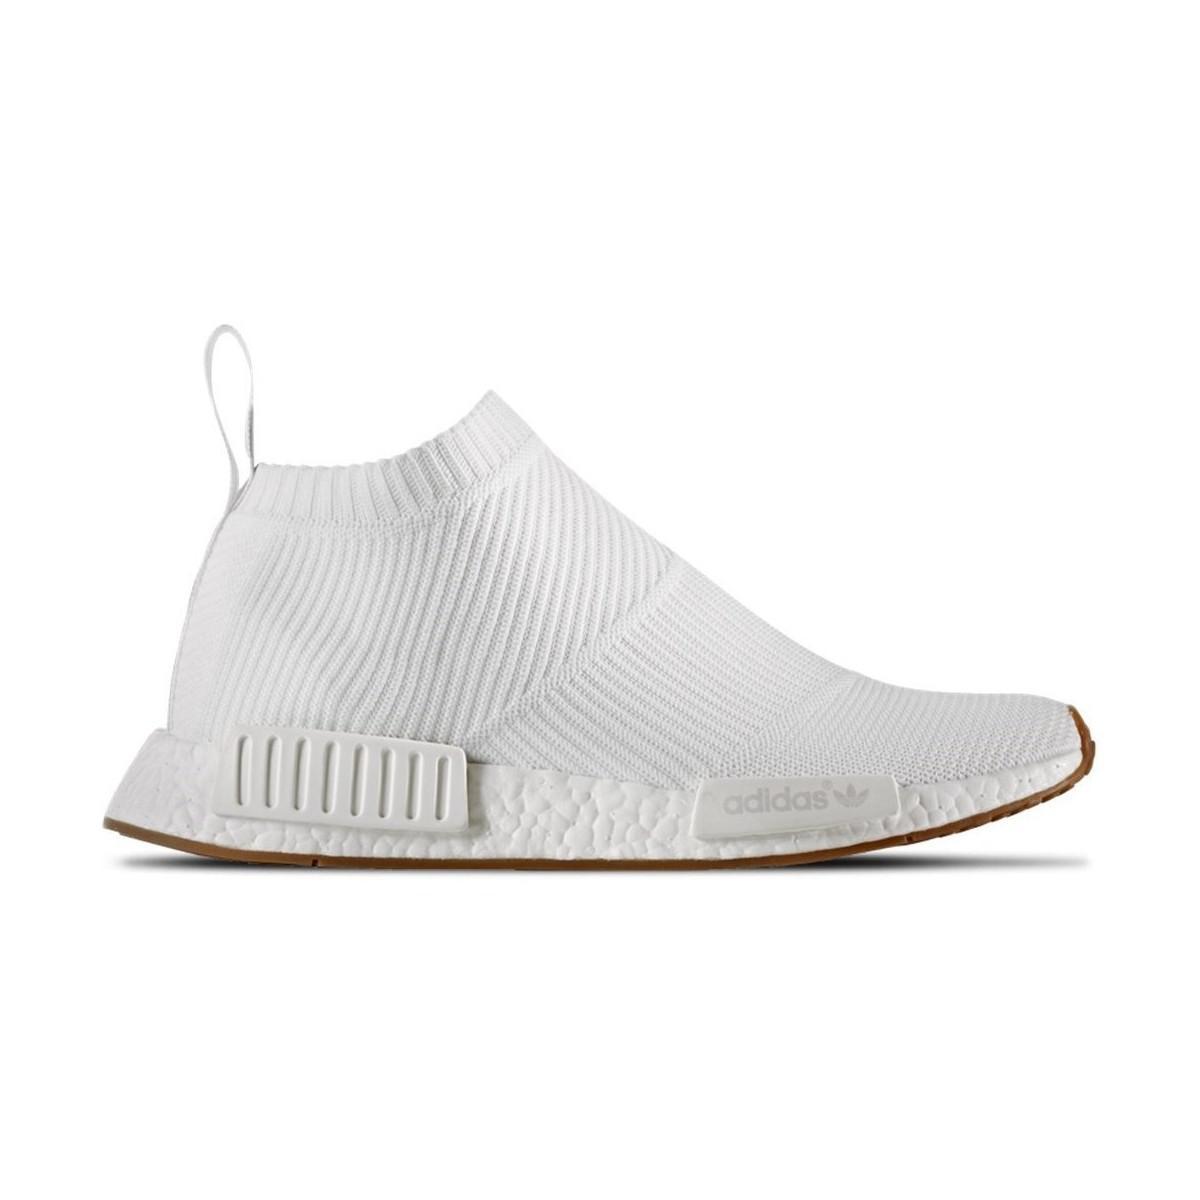 adidas nmd cs1 pk scarpe da uomo (high top formatori) in bianco in bianco.